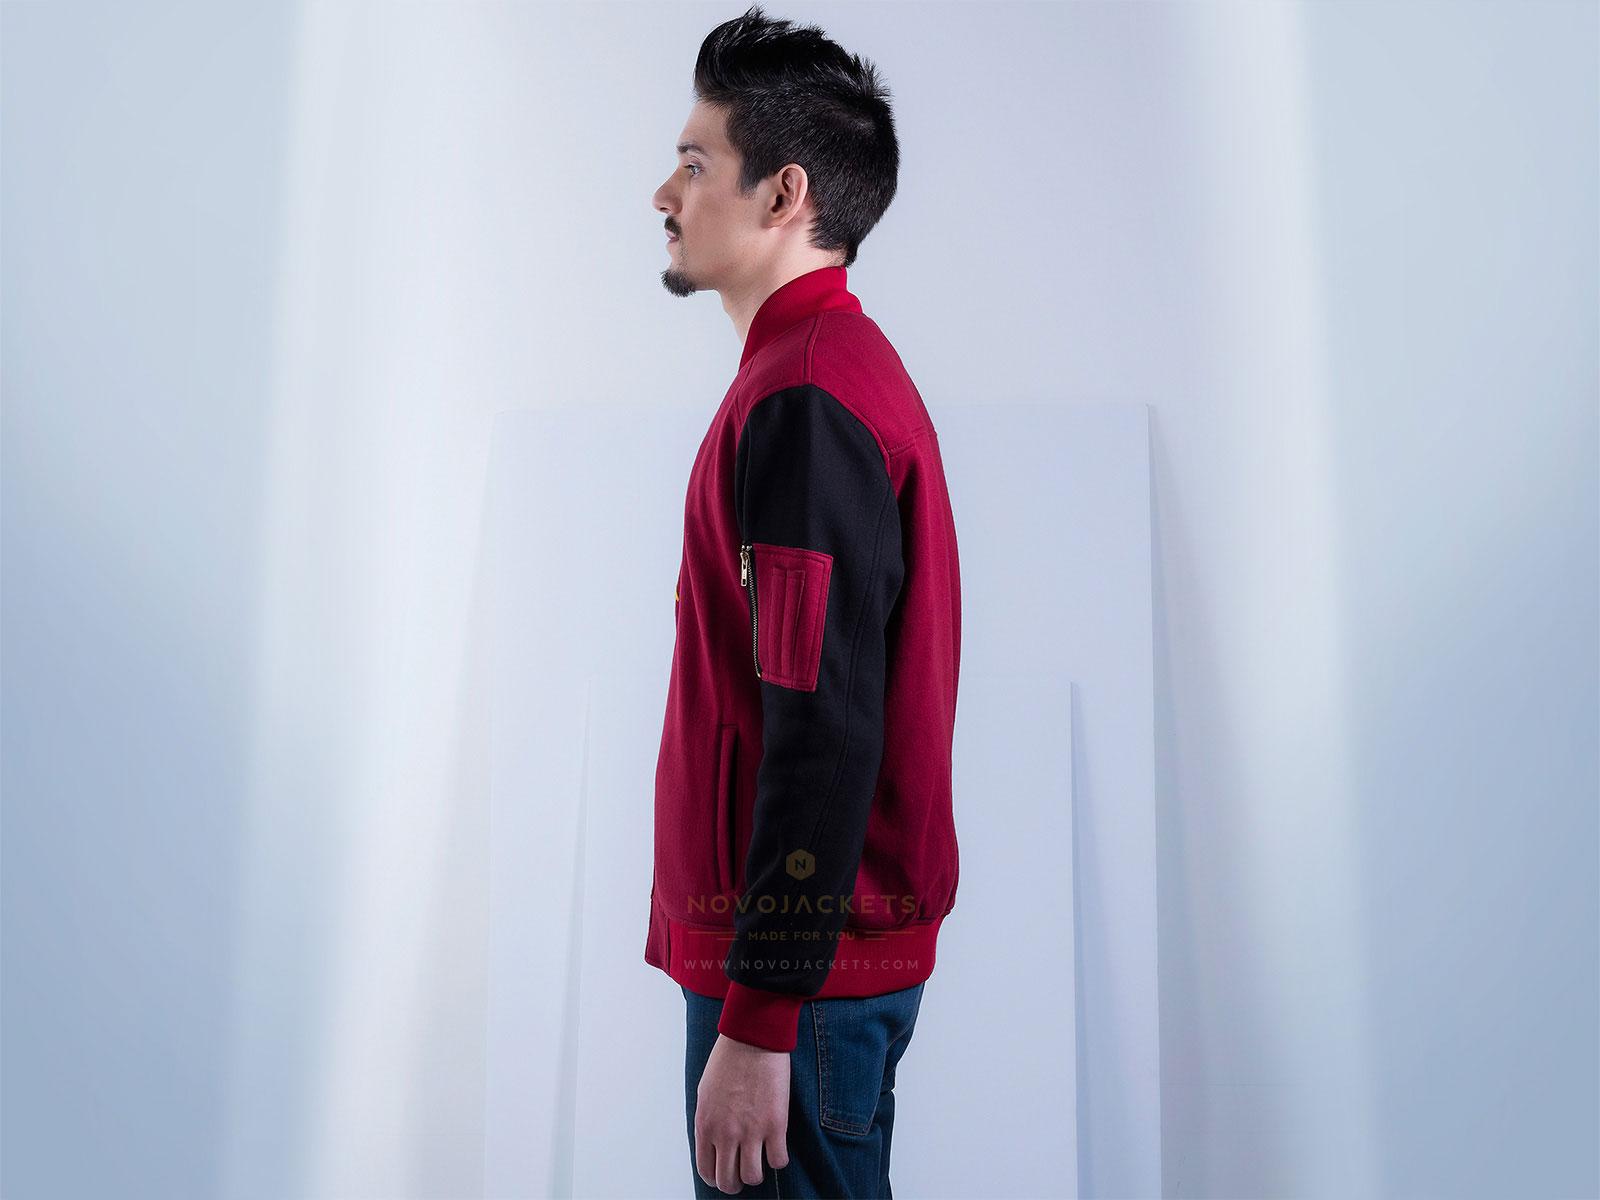 Custom Bomber Jacket for Men in Cotton Fleece